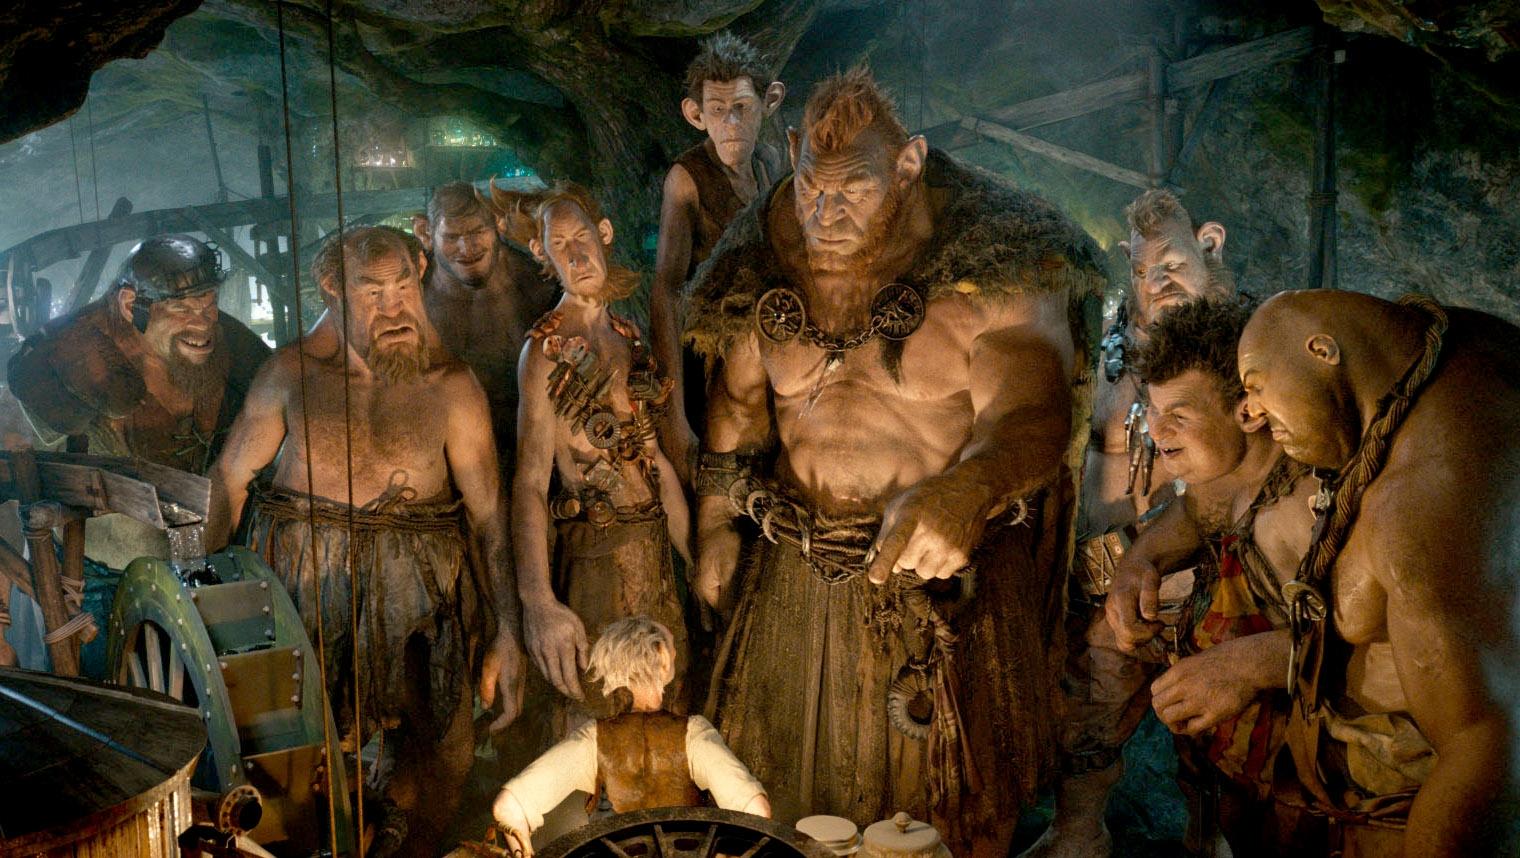 """Gizzardgulper, Childchewer, Maidmasher, Bloodbottler, Manhugger, Fleshlumpeater, Meatdripper, Butcherboy and Bonecruncher surround the giant in """"The BFG."""""""